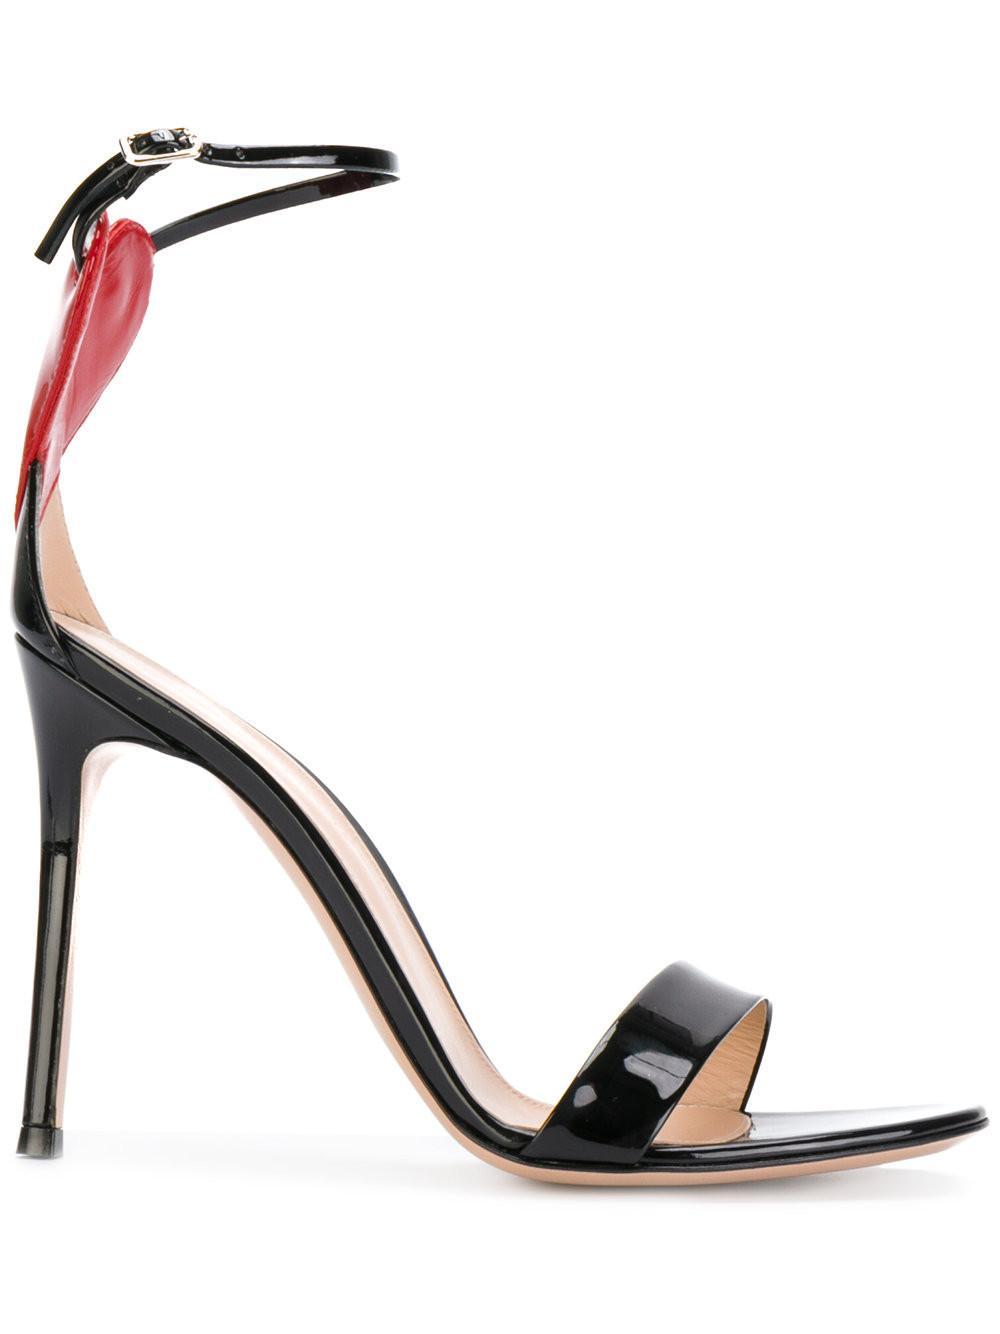 d3e9288efe93 Gianvito Rossi Love Portofino 110 Embellished Patent-Leather Sandals In  Black